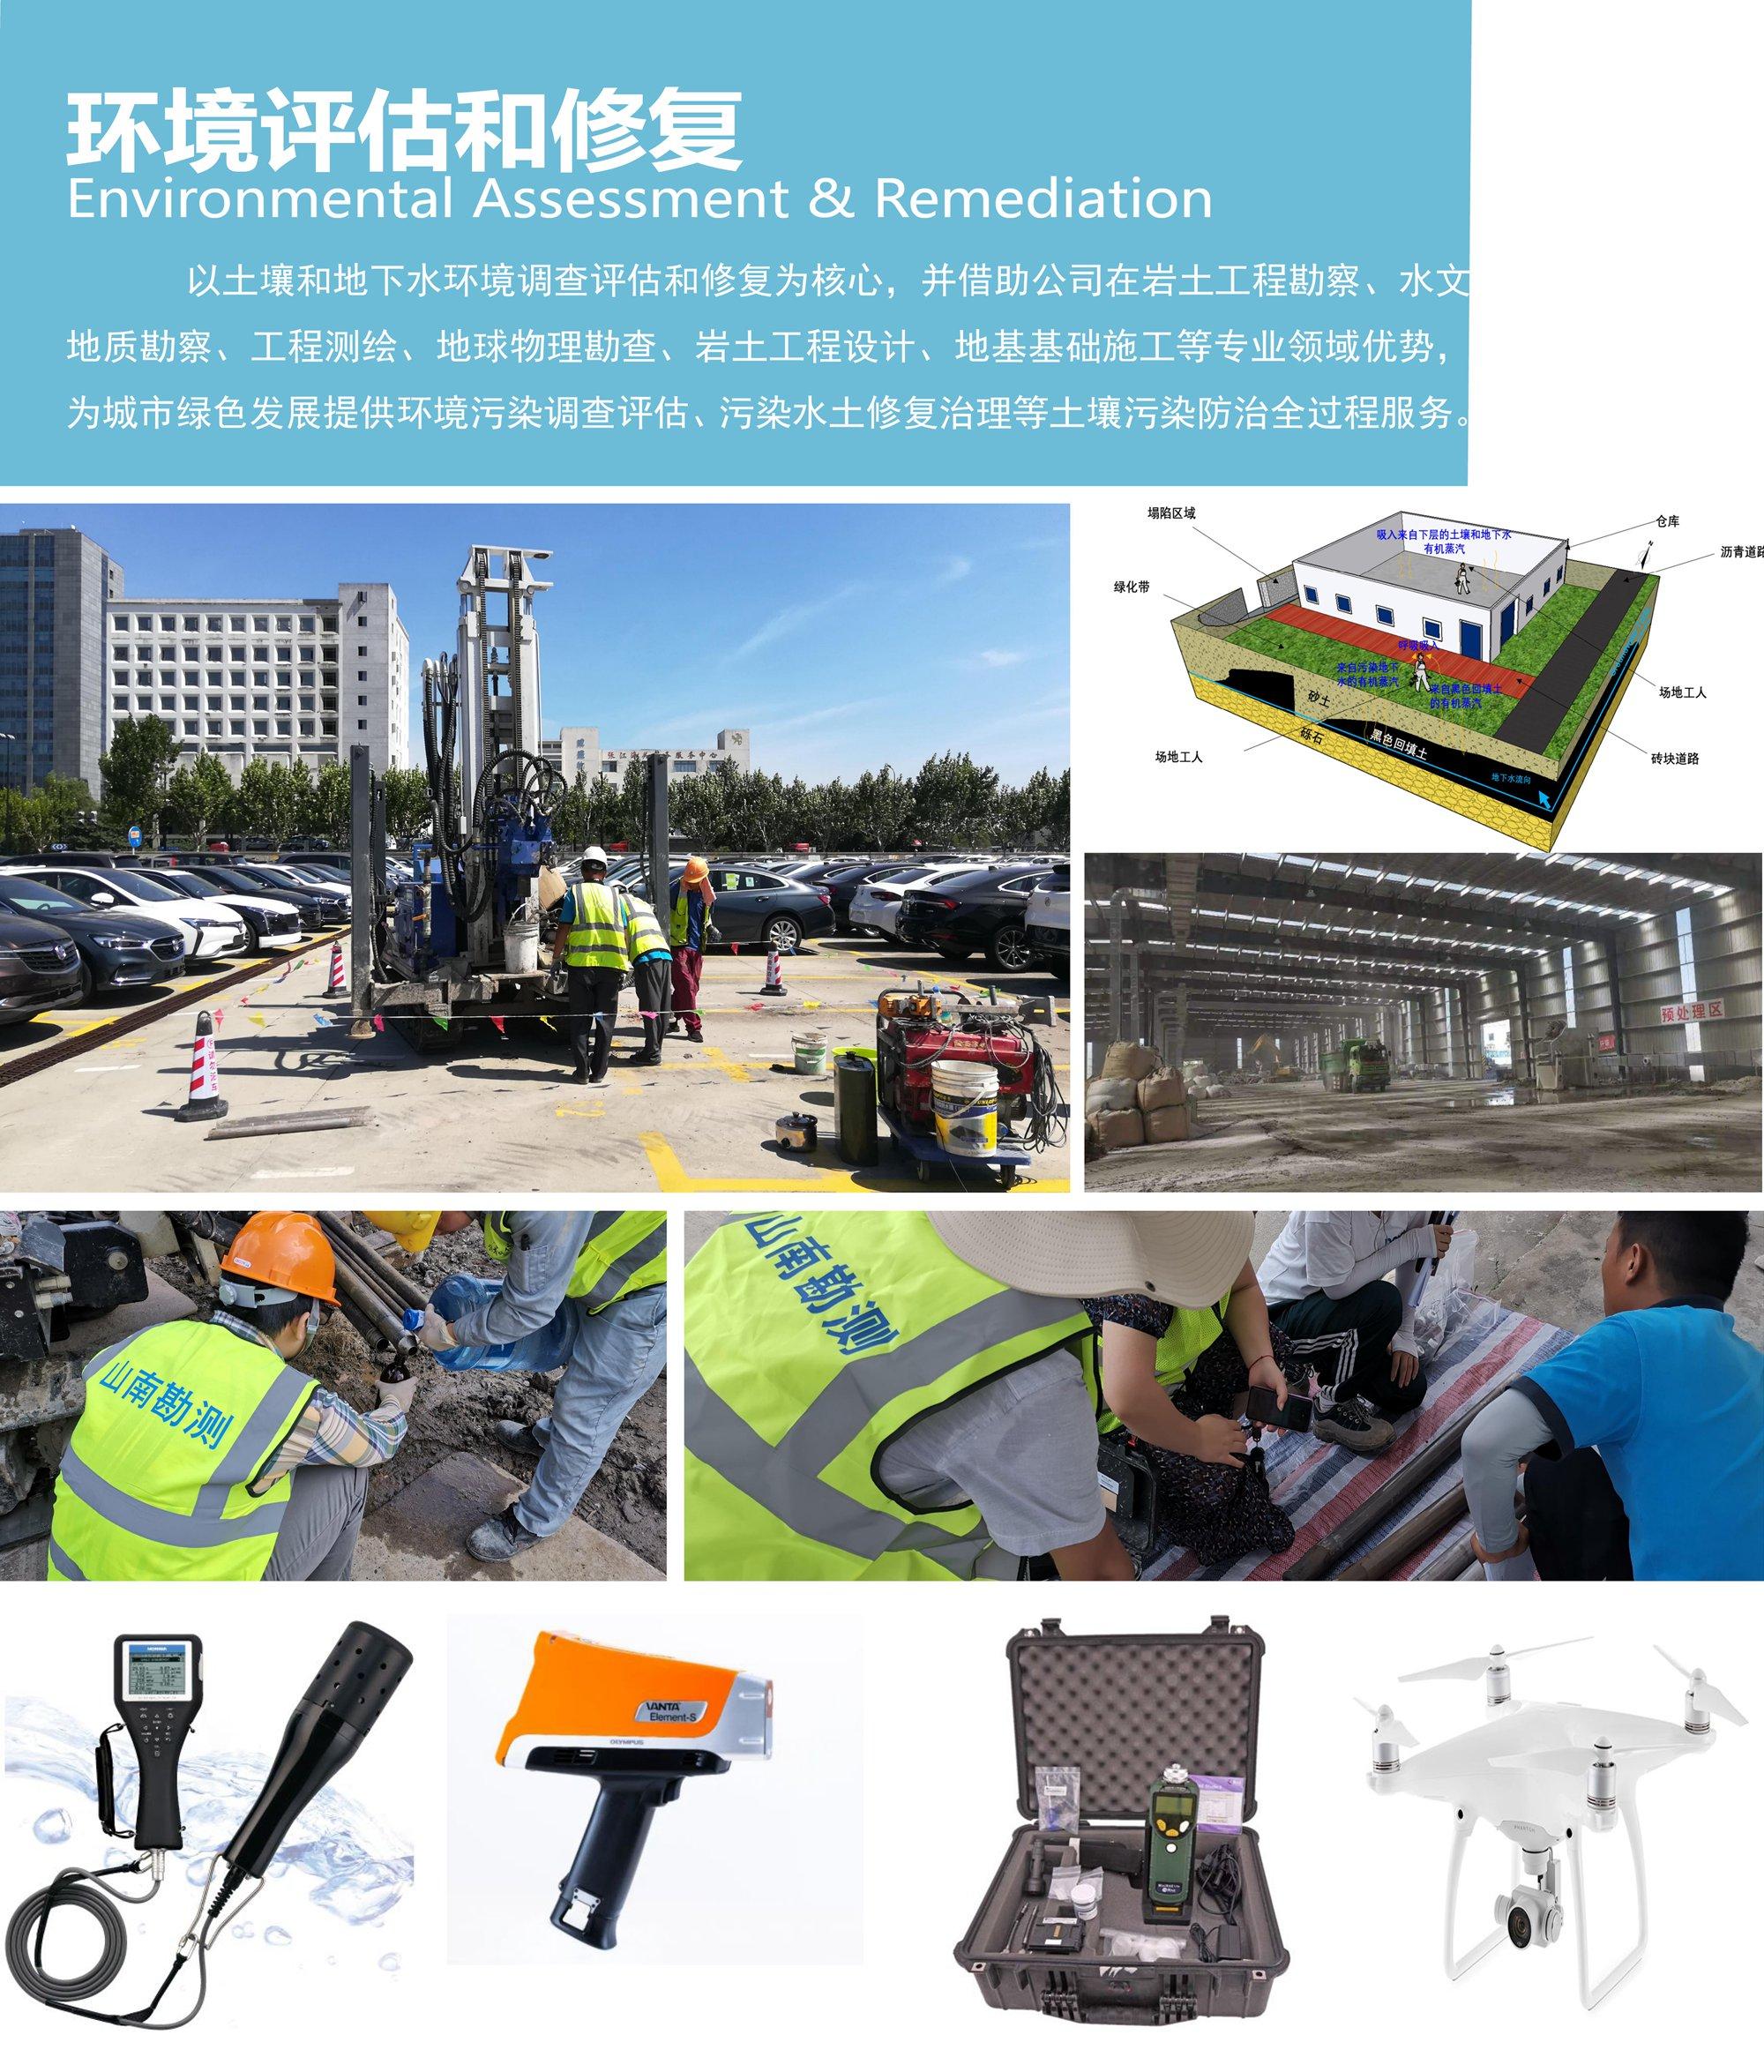 环境评估和修复